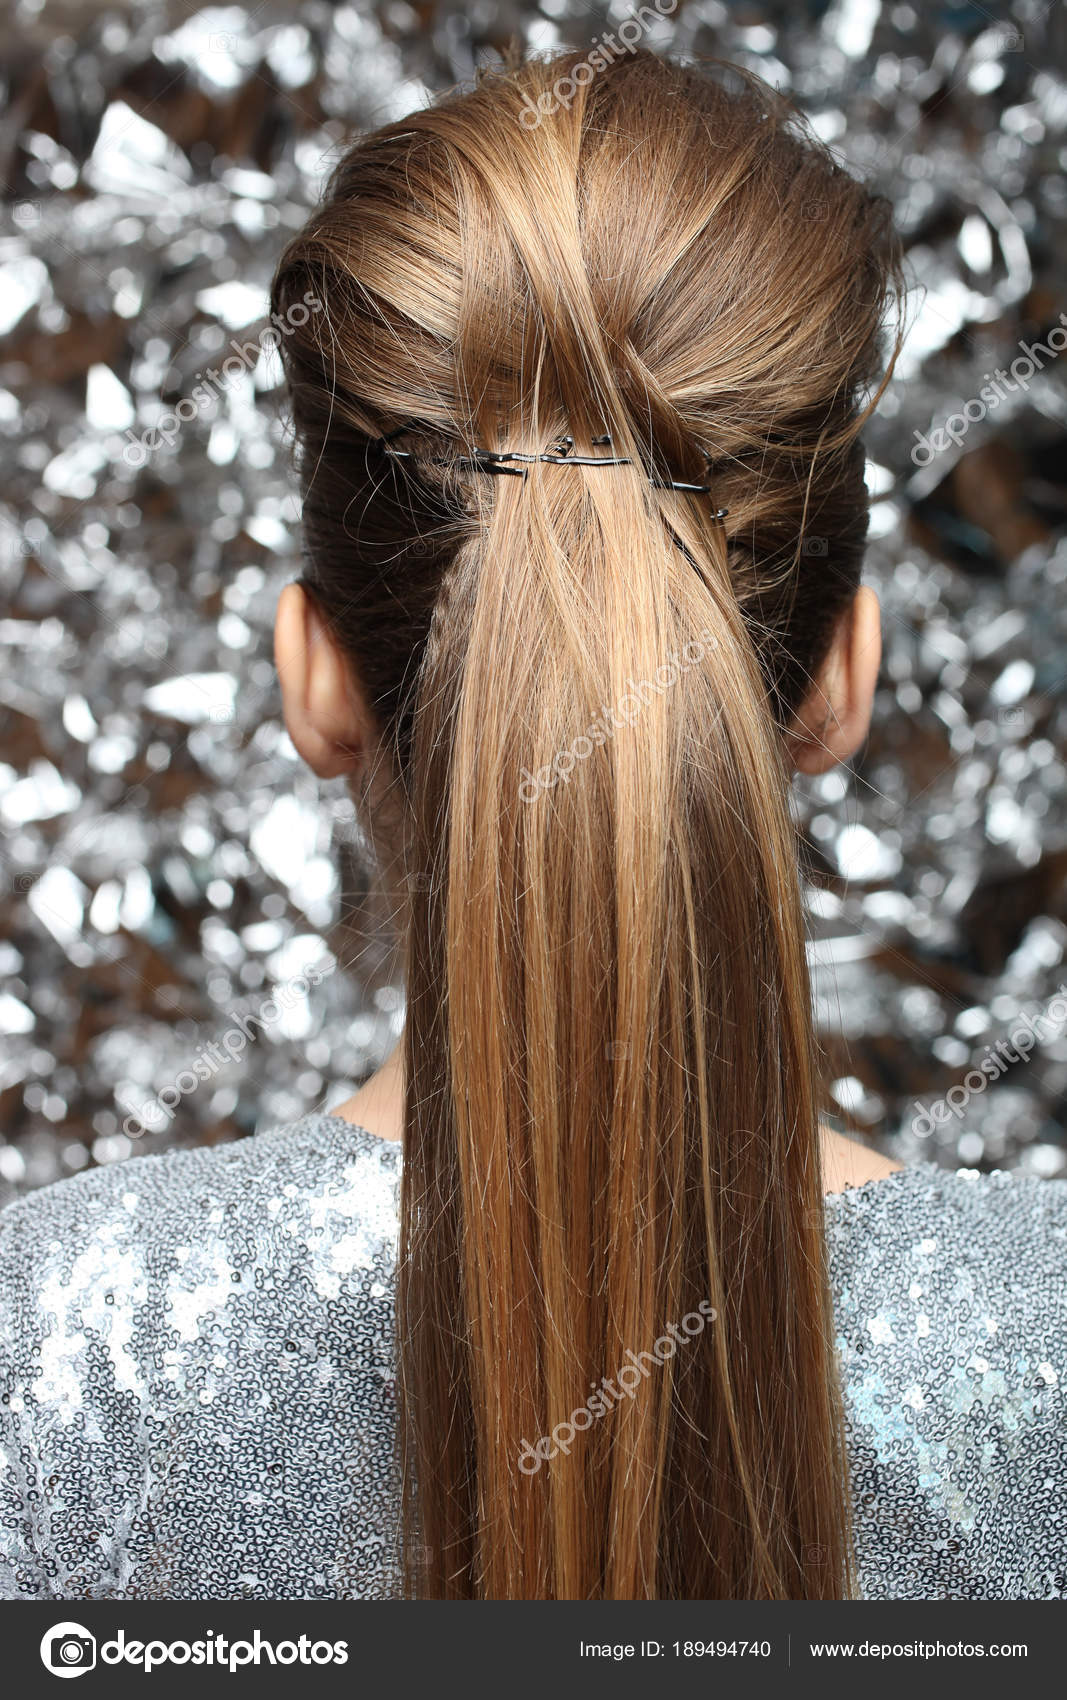 Schone Frisur Mit Einem Madchen Mit Langen Haaren Stockfoto